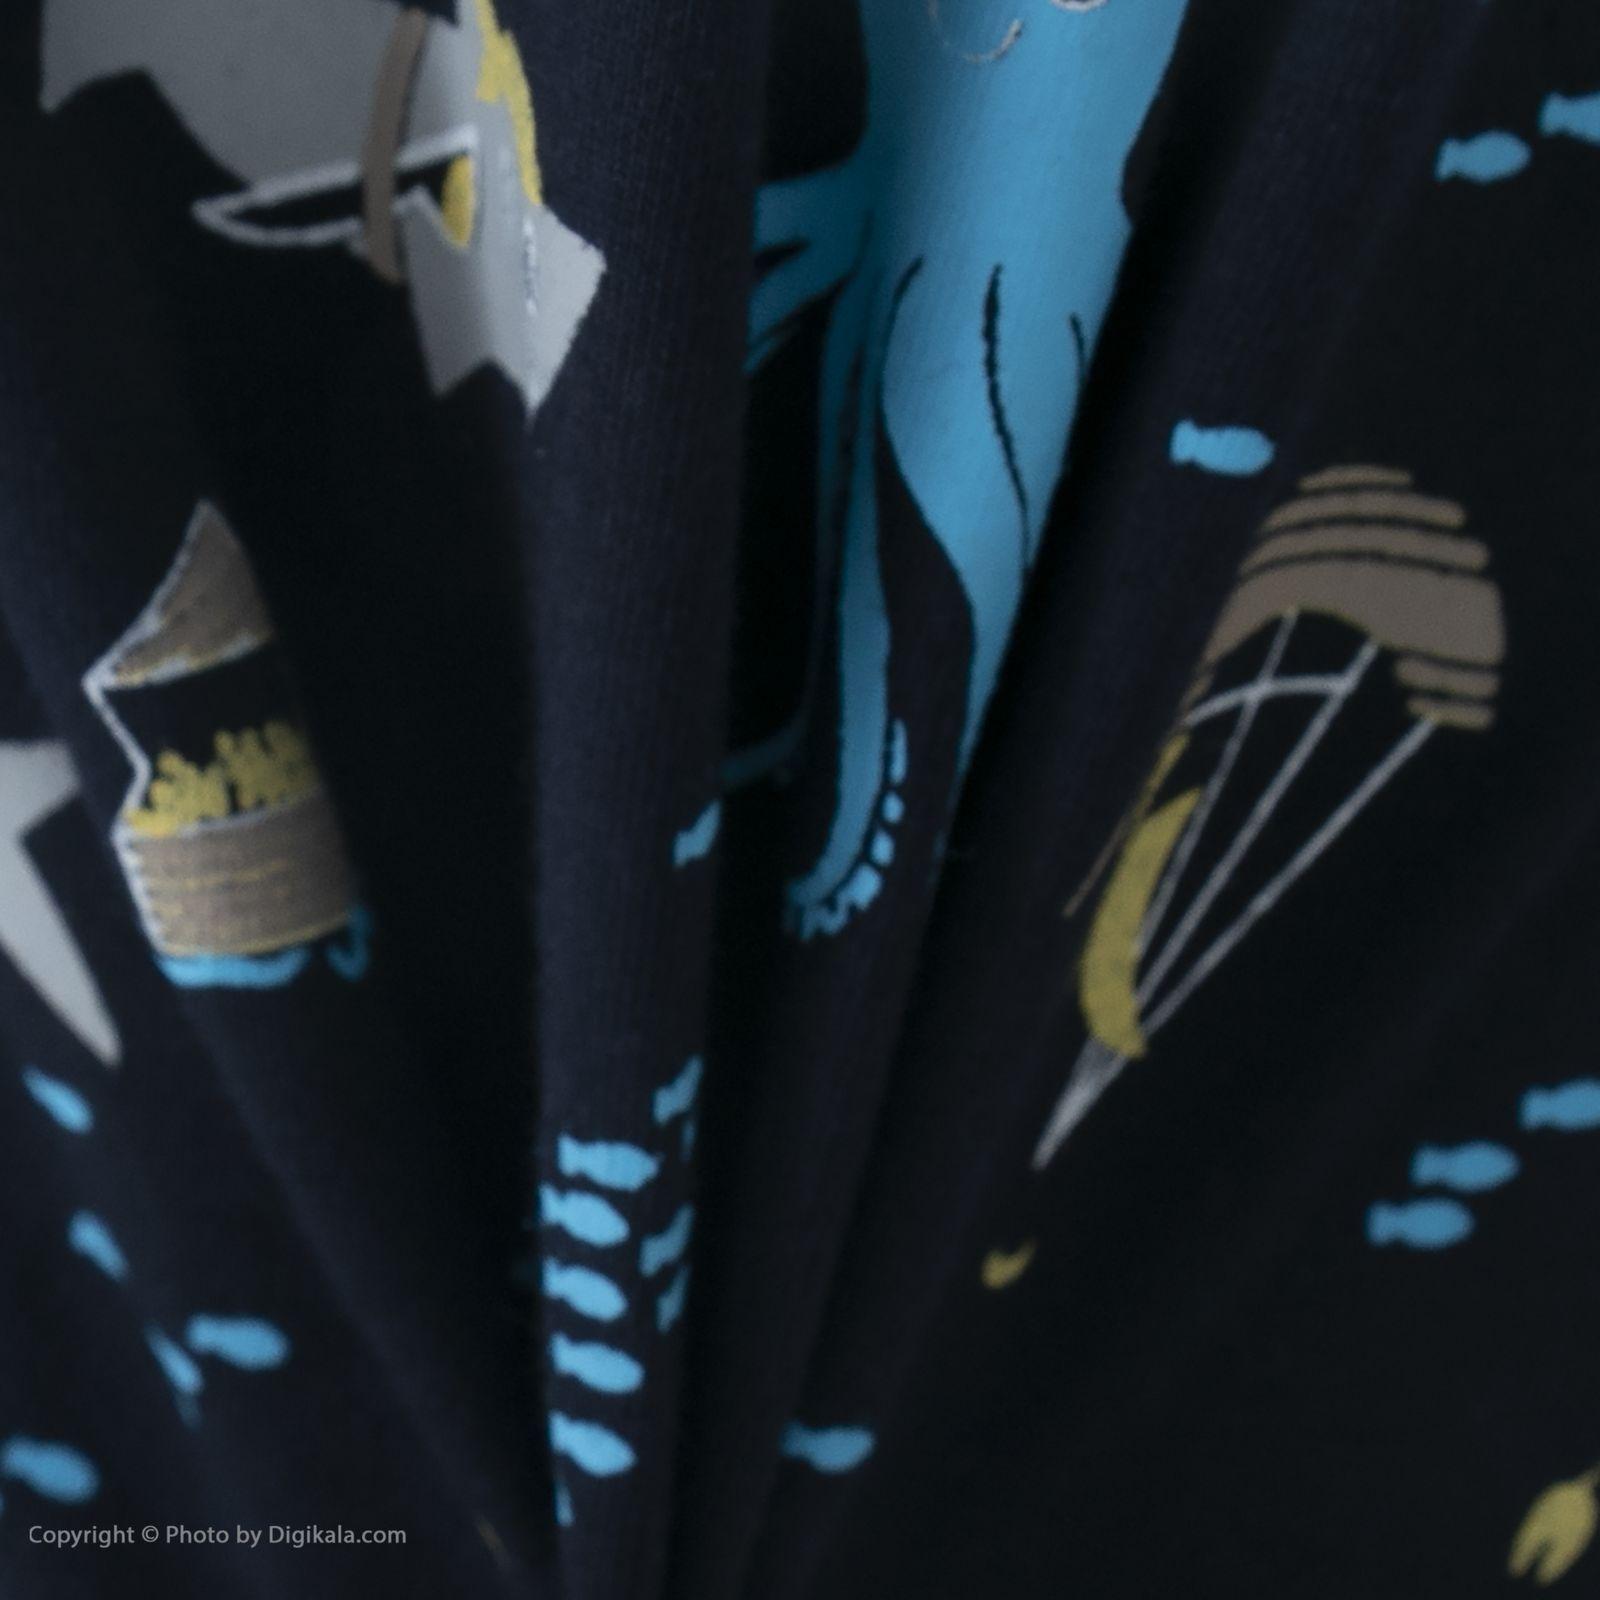 ست تی شرت و شلوارک راحتی مردانه مادر مدل 2041107-52 -  - 11